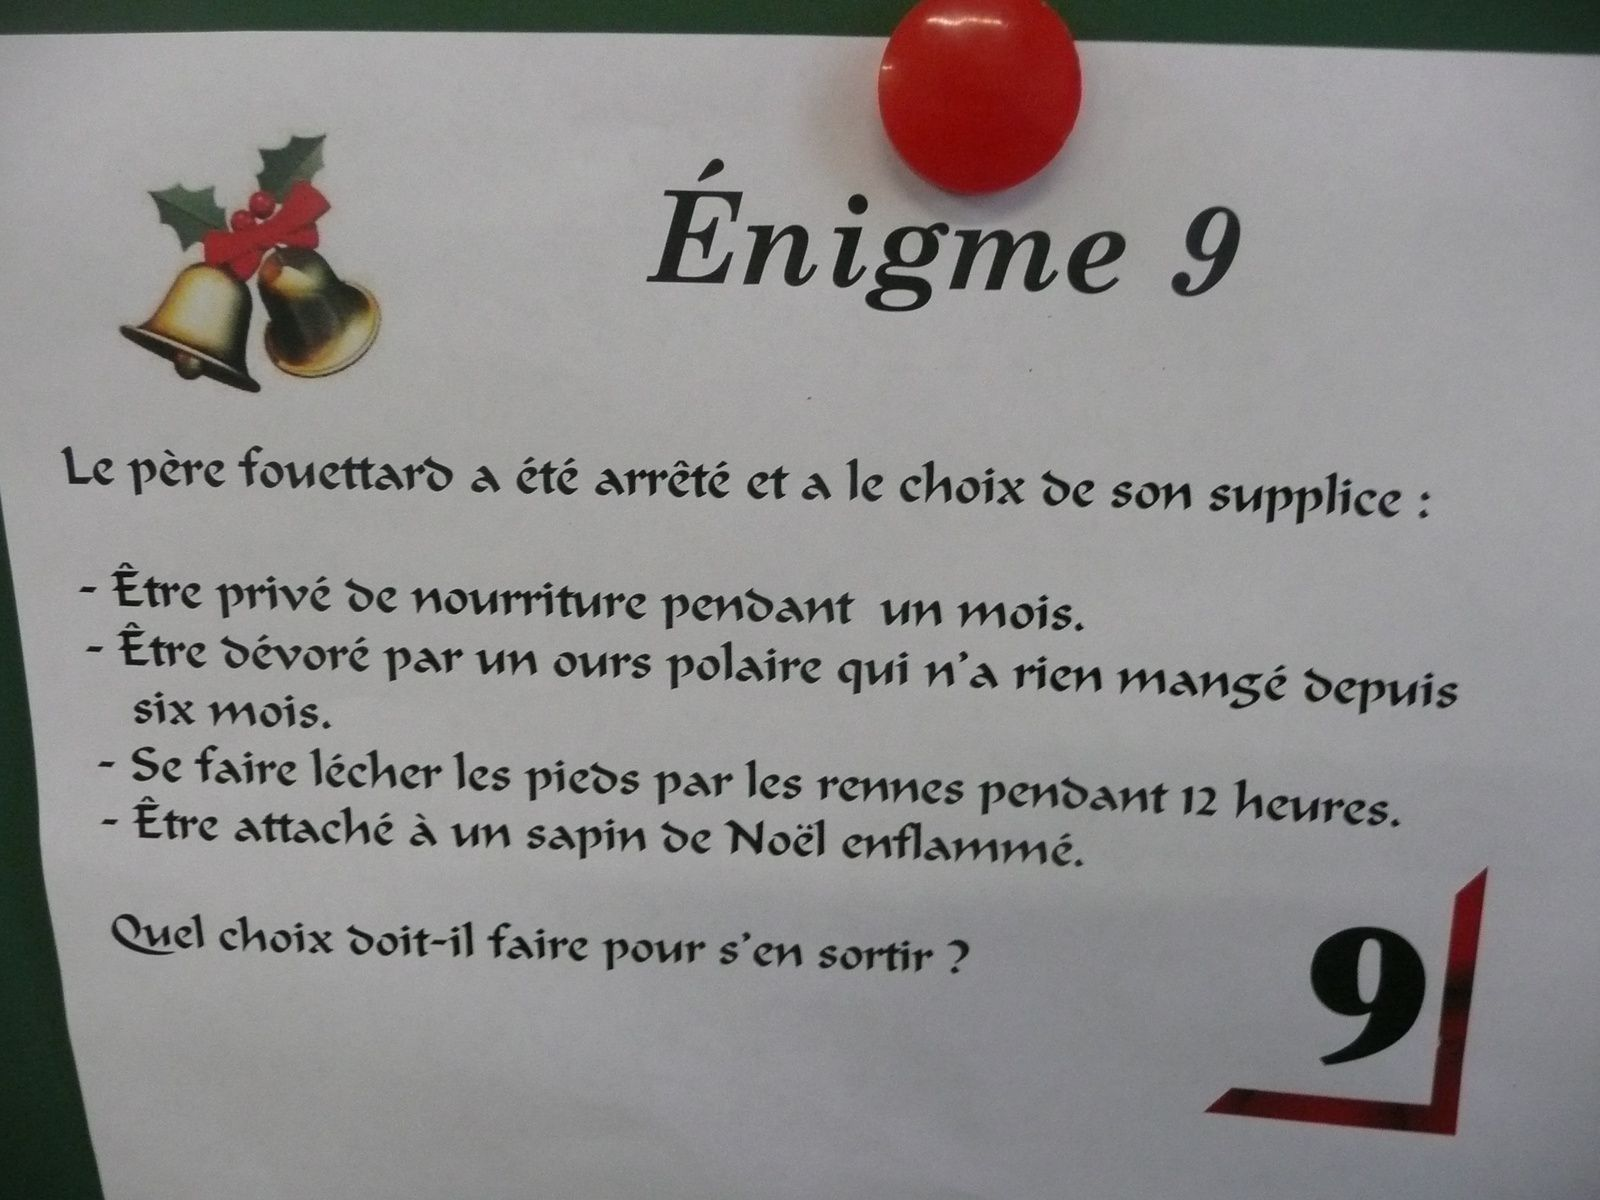 Calendrier De Lavent Cm.Enigmes 8 9 10 Calendrier De L Avent Cm Contest Ecole